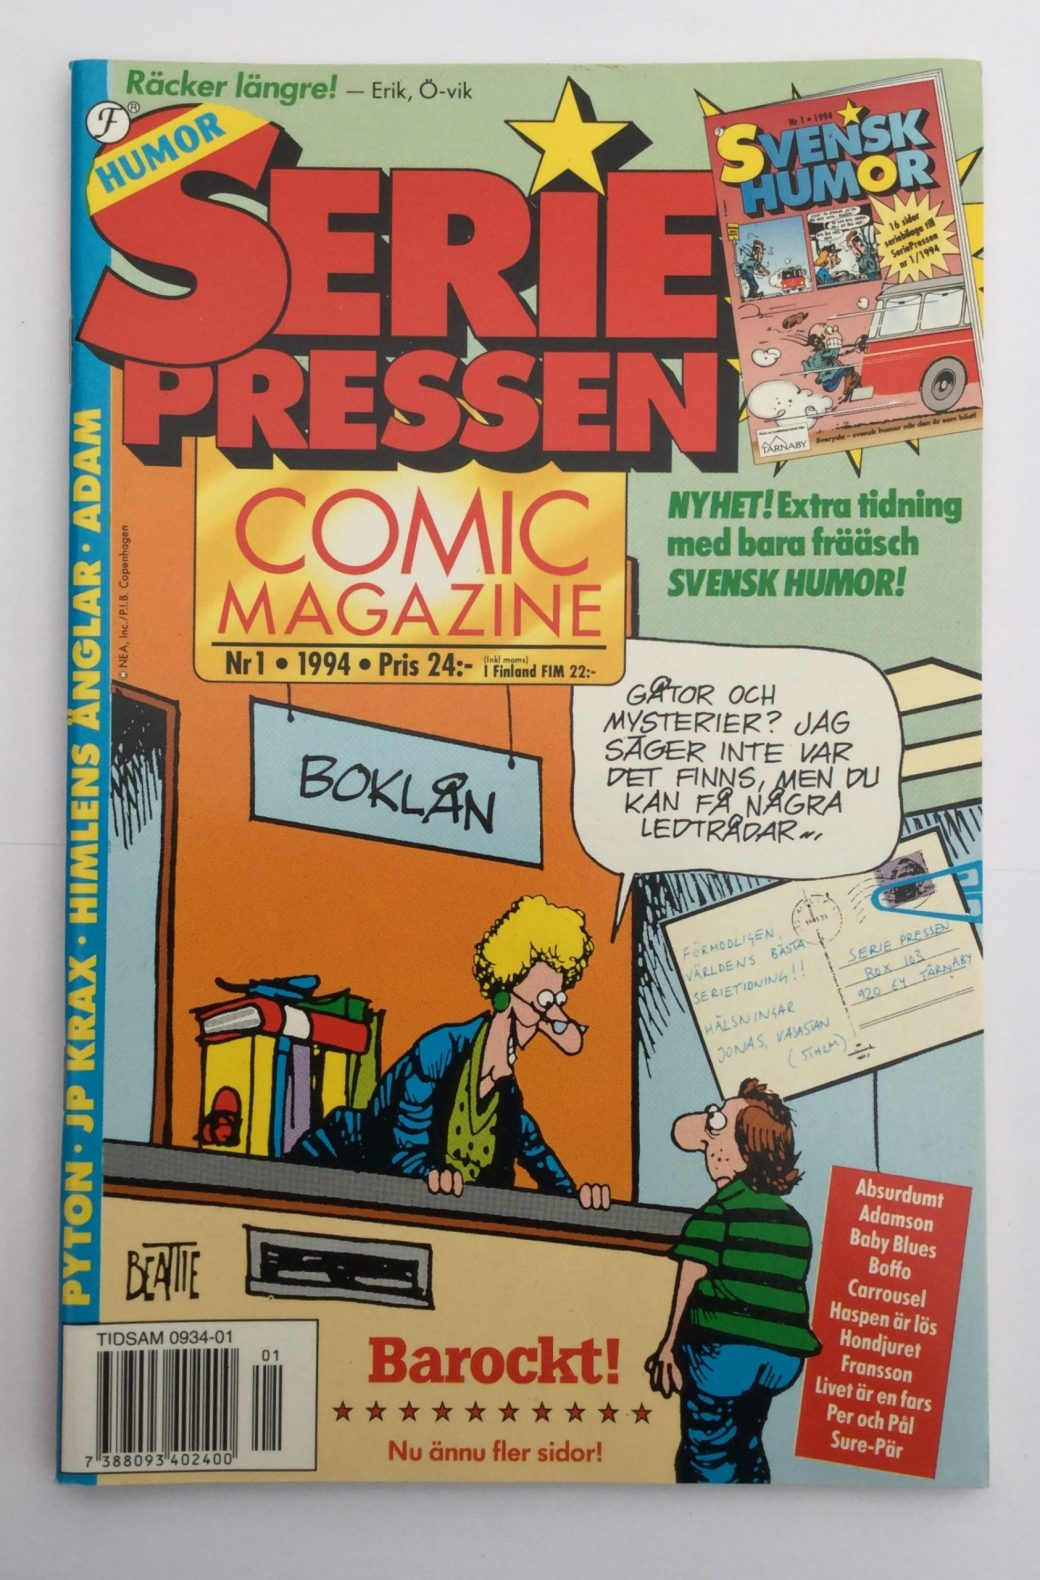 Seriepressen nr 1, 1994